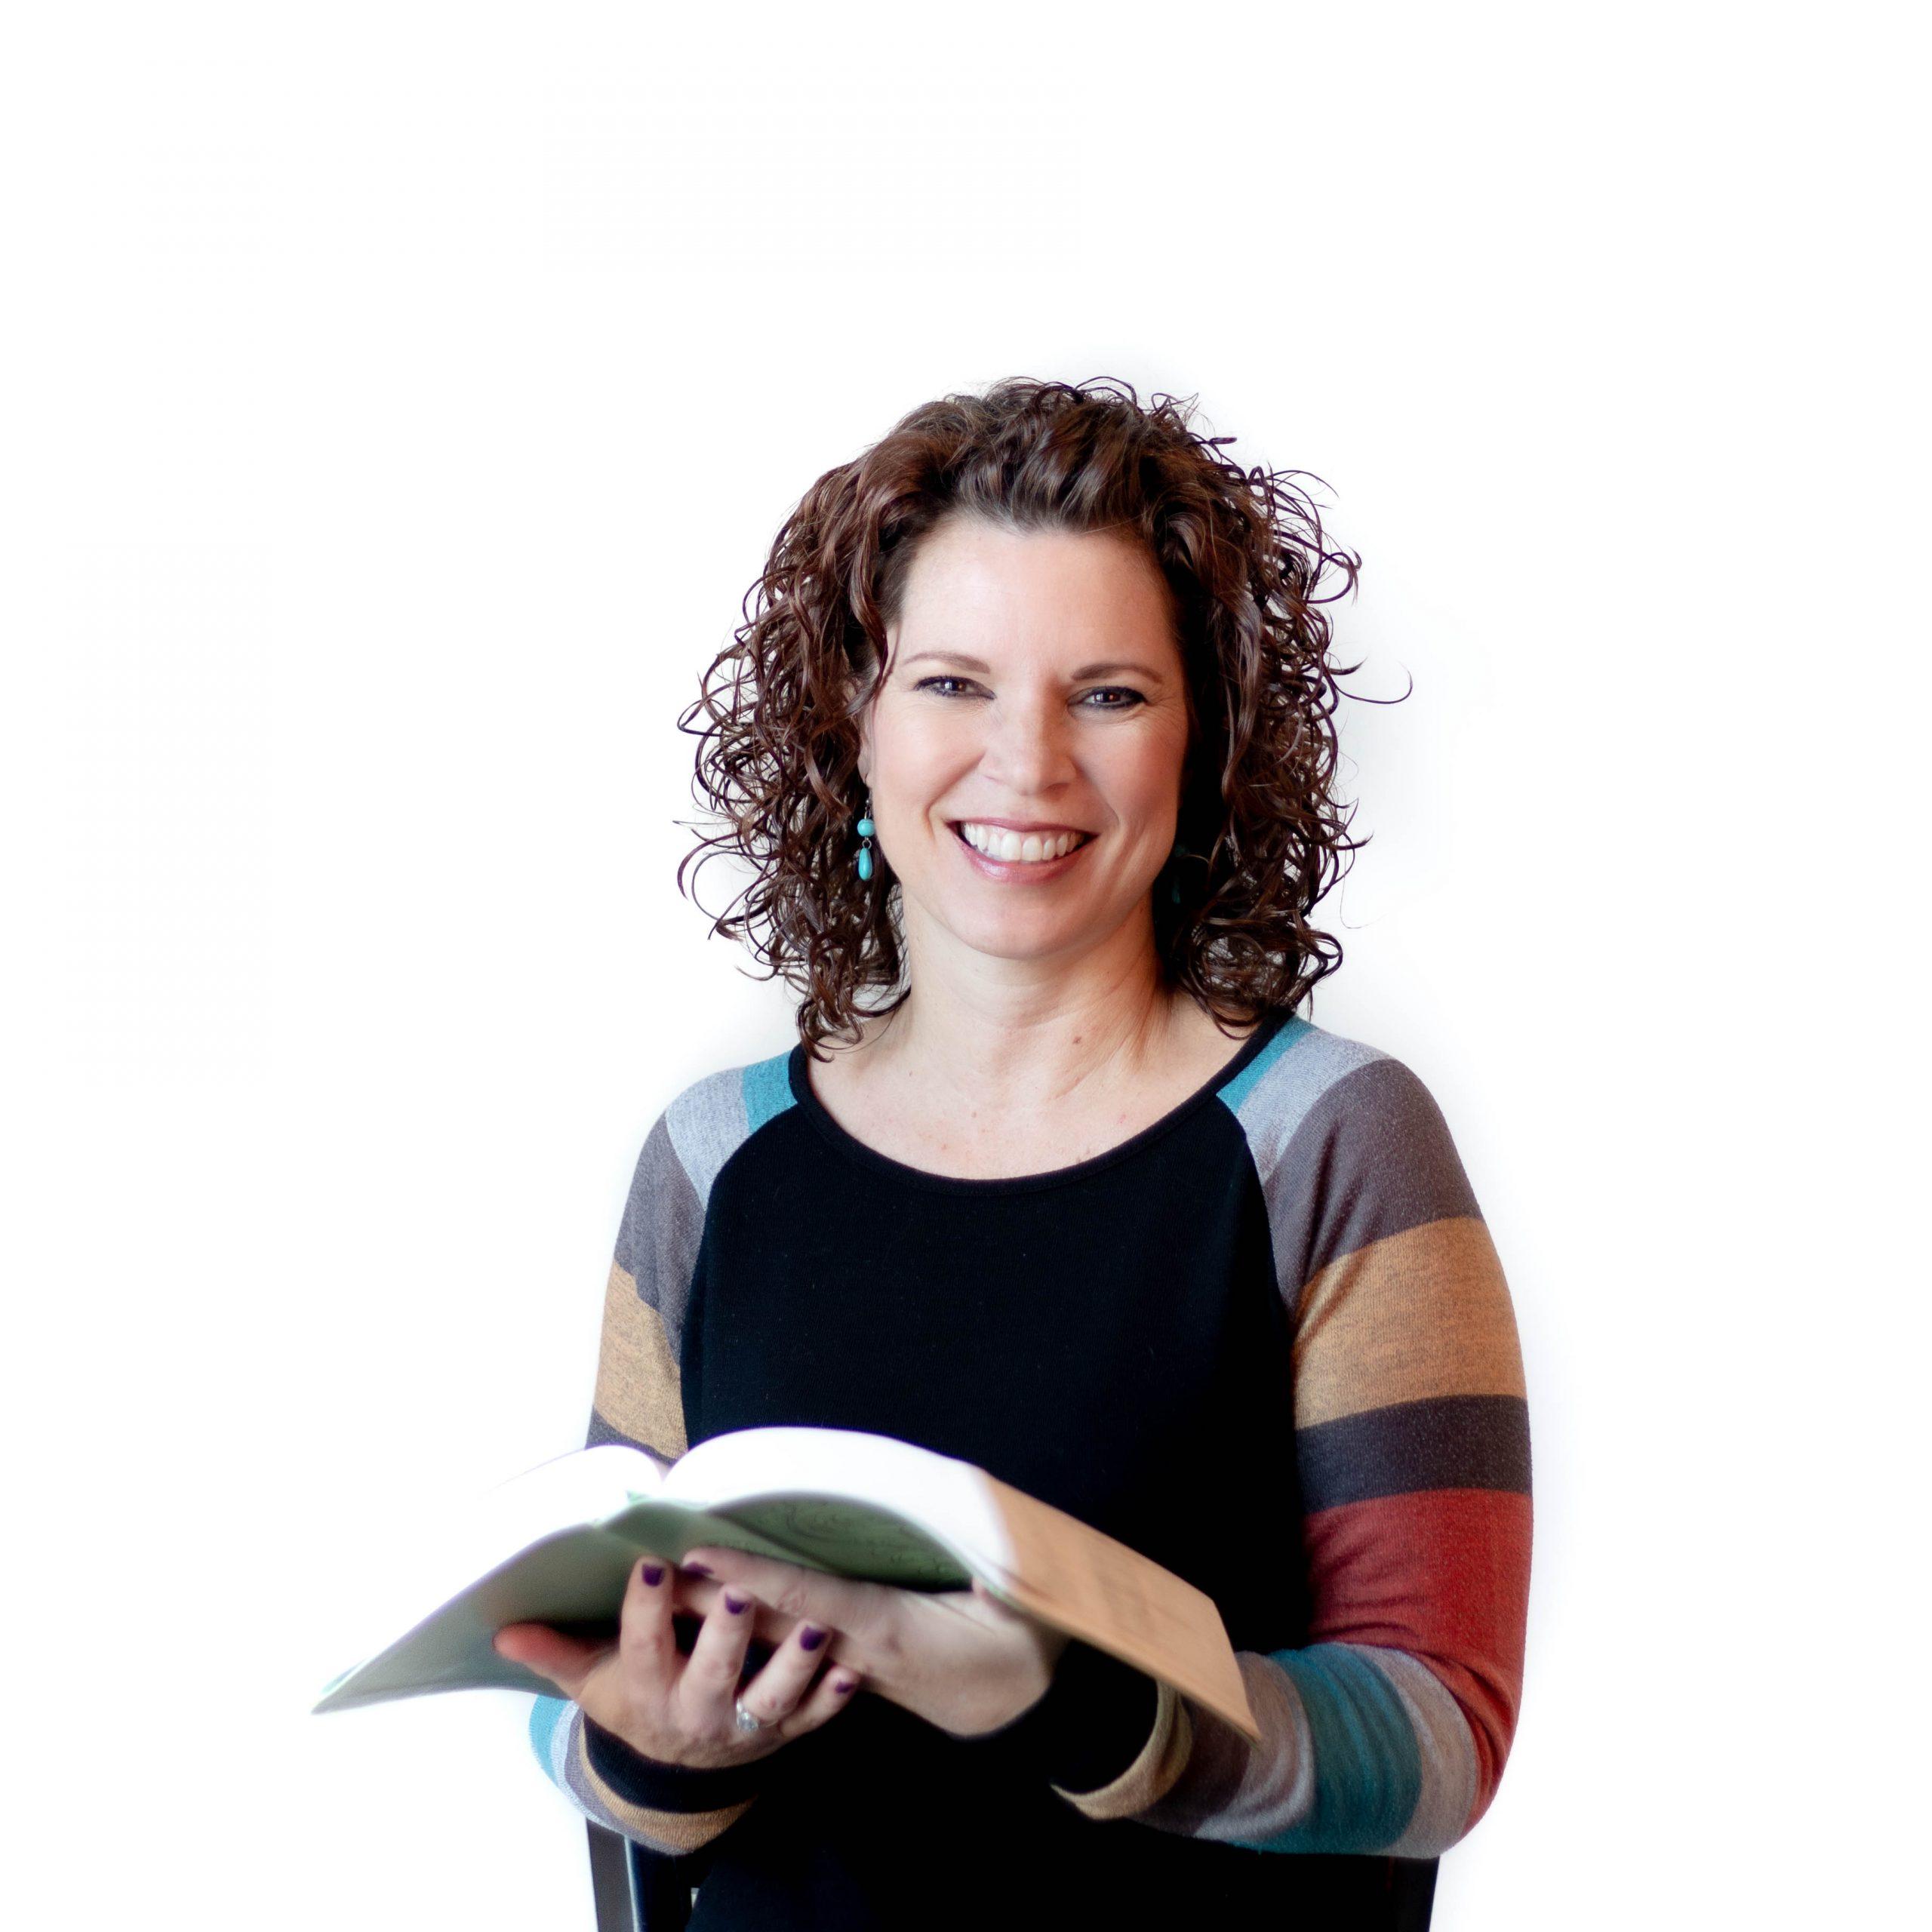 Sarah Holley holding a Bible